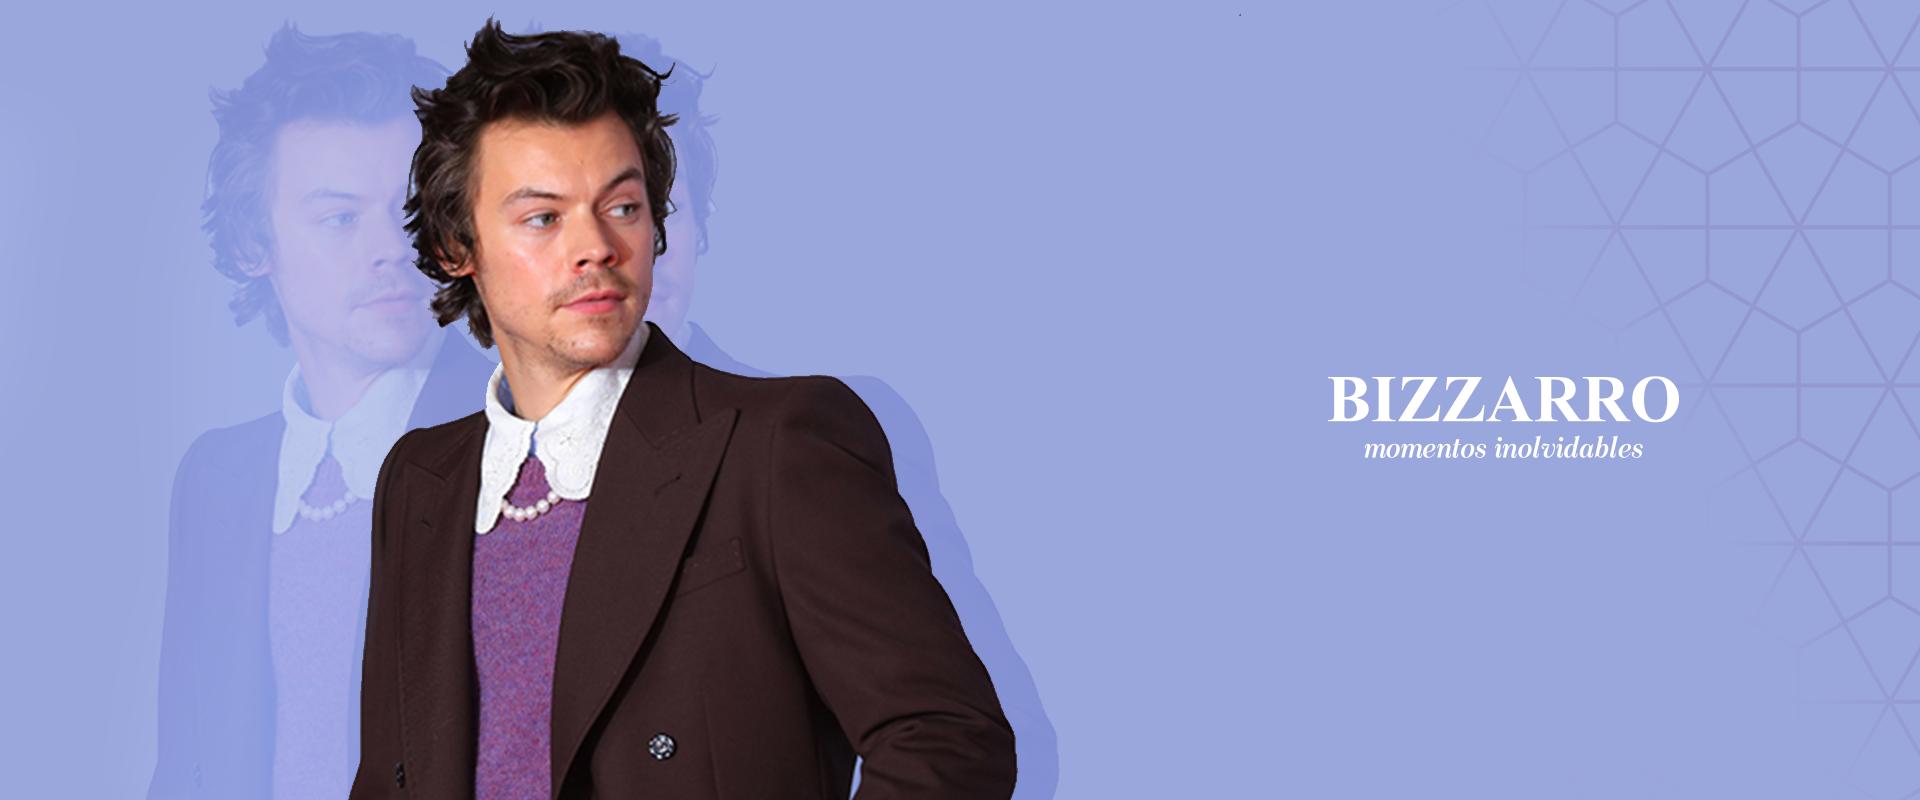 Joyería unisex, conoce el efecto Harry Styles y brilla con intensidad